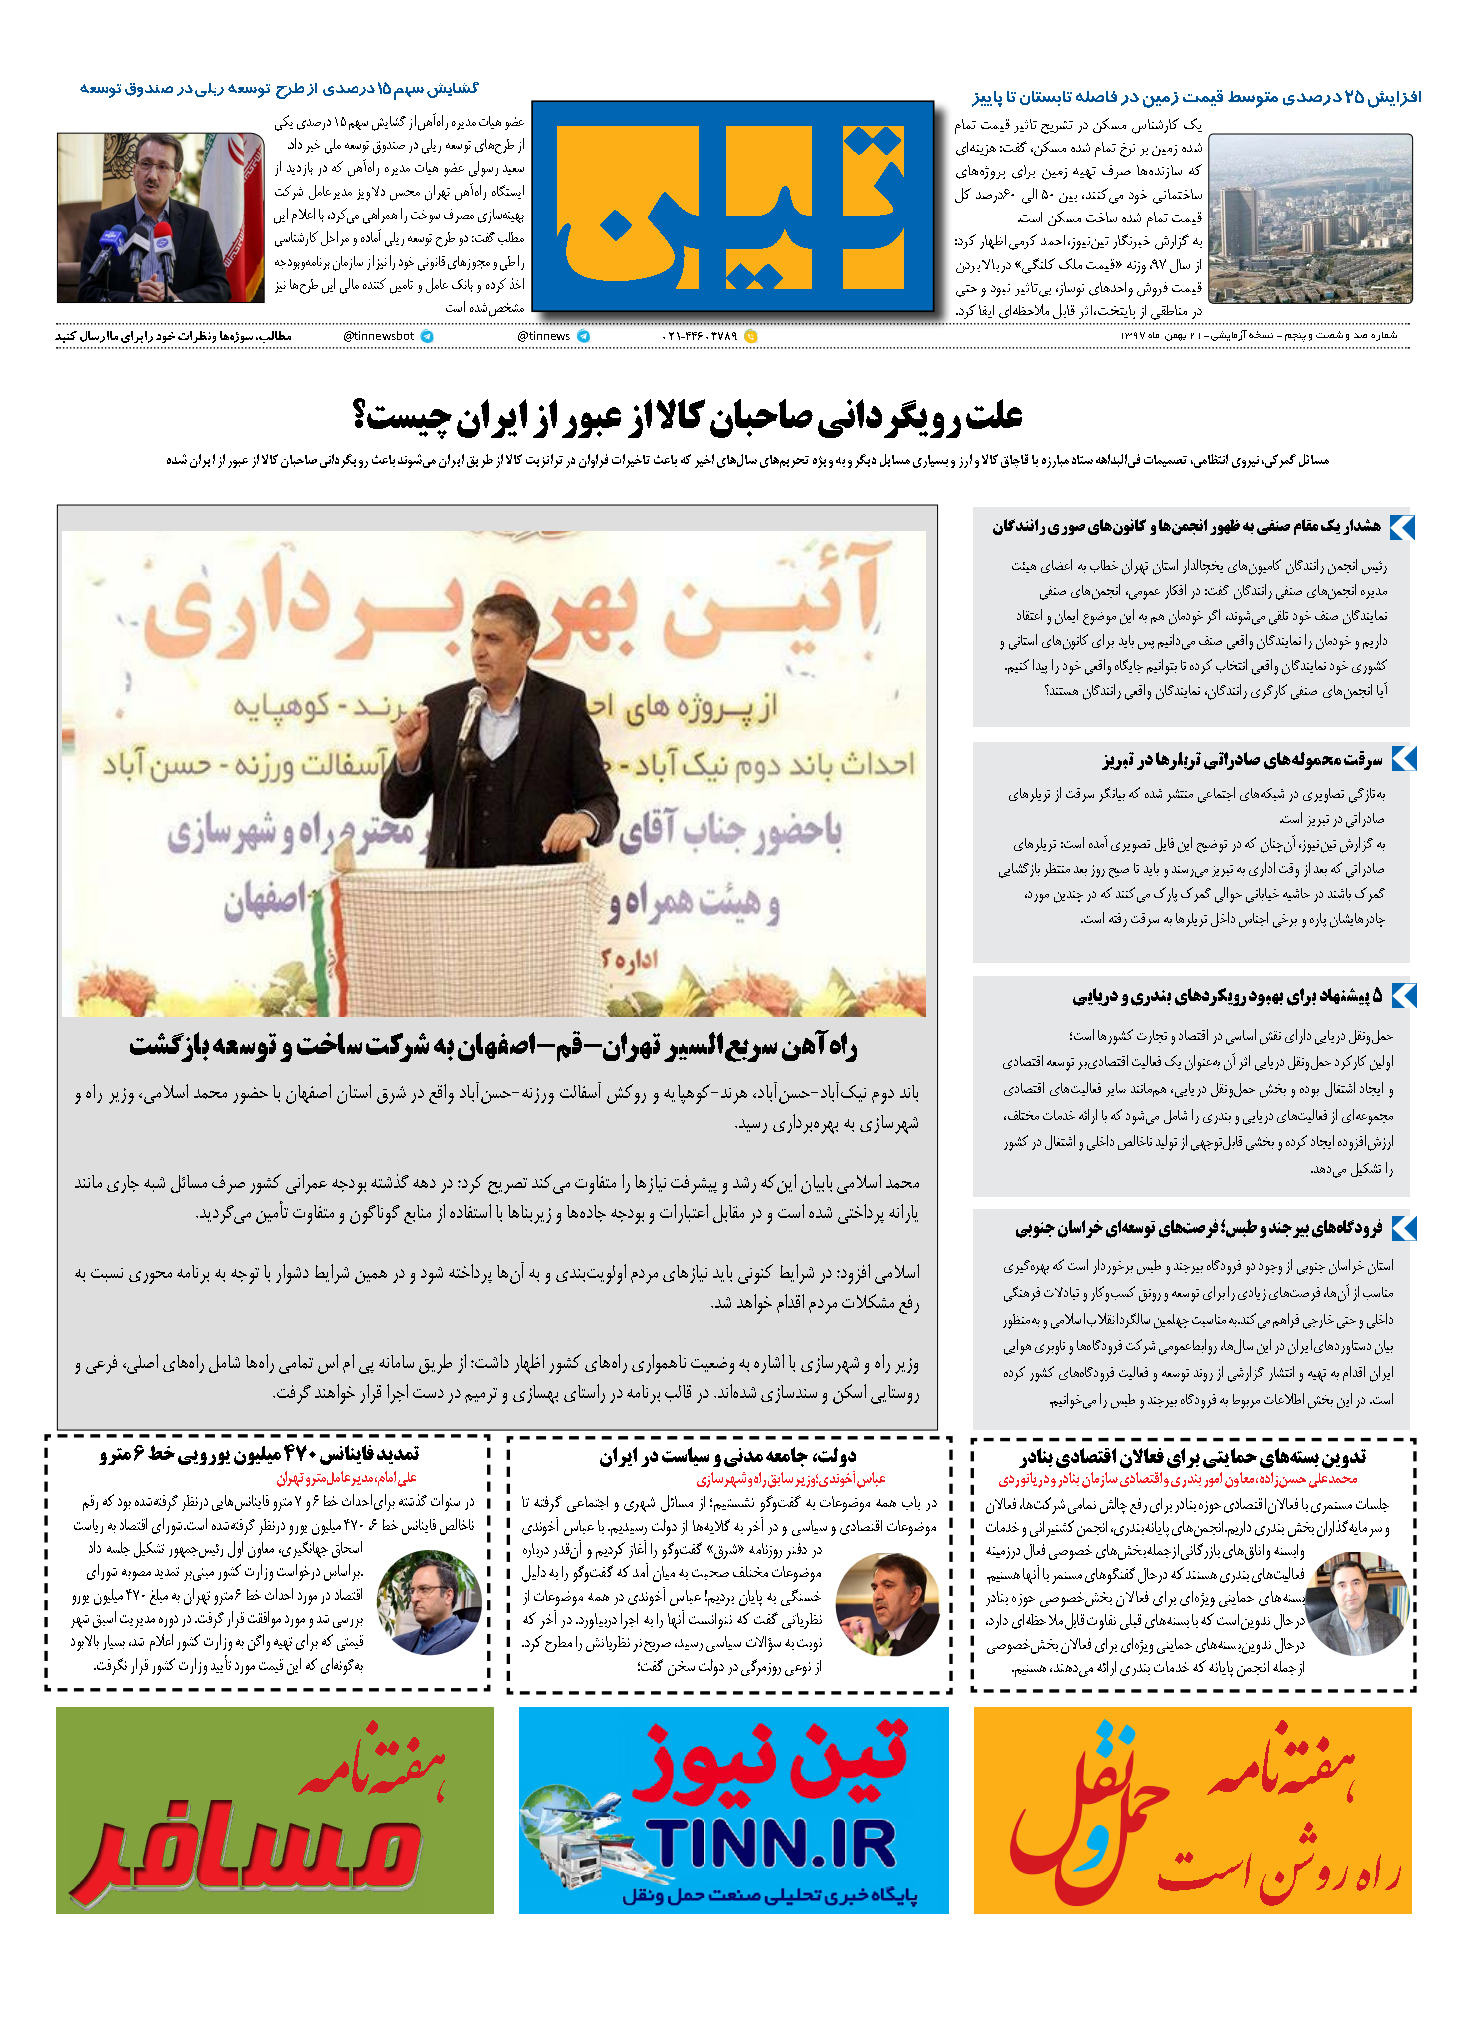 روزنامه الکترونیک 21 بهمن ماه 97